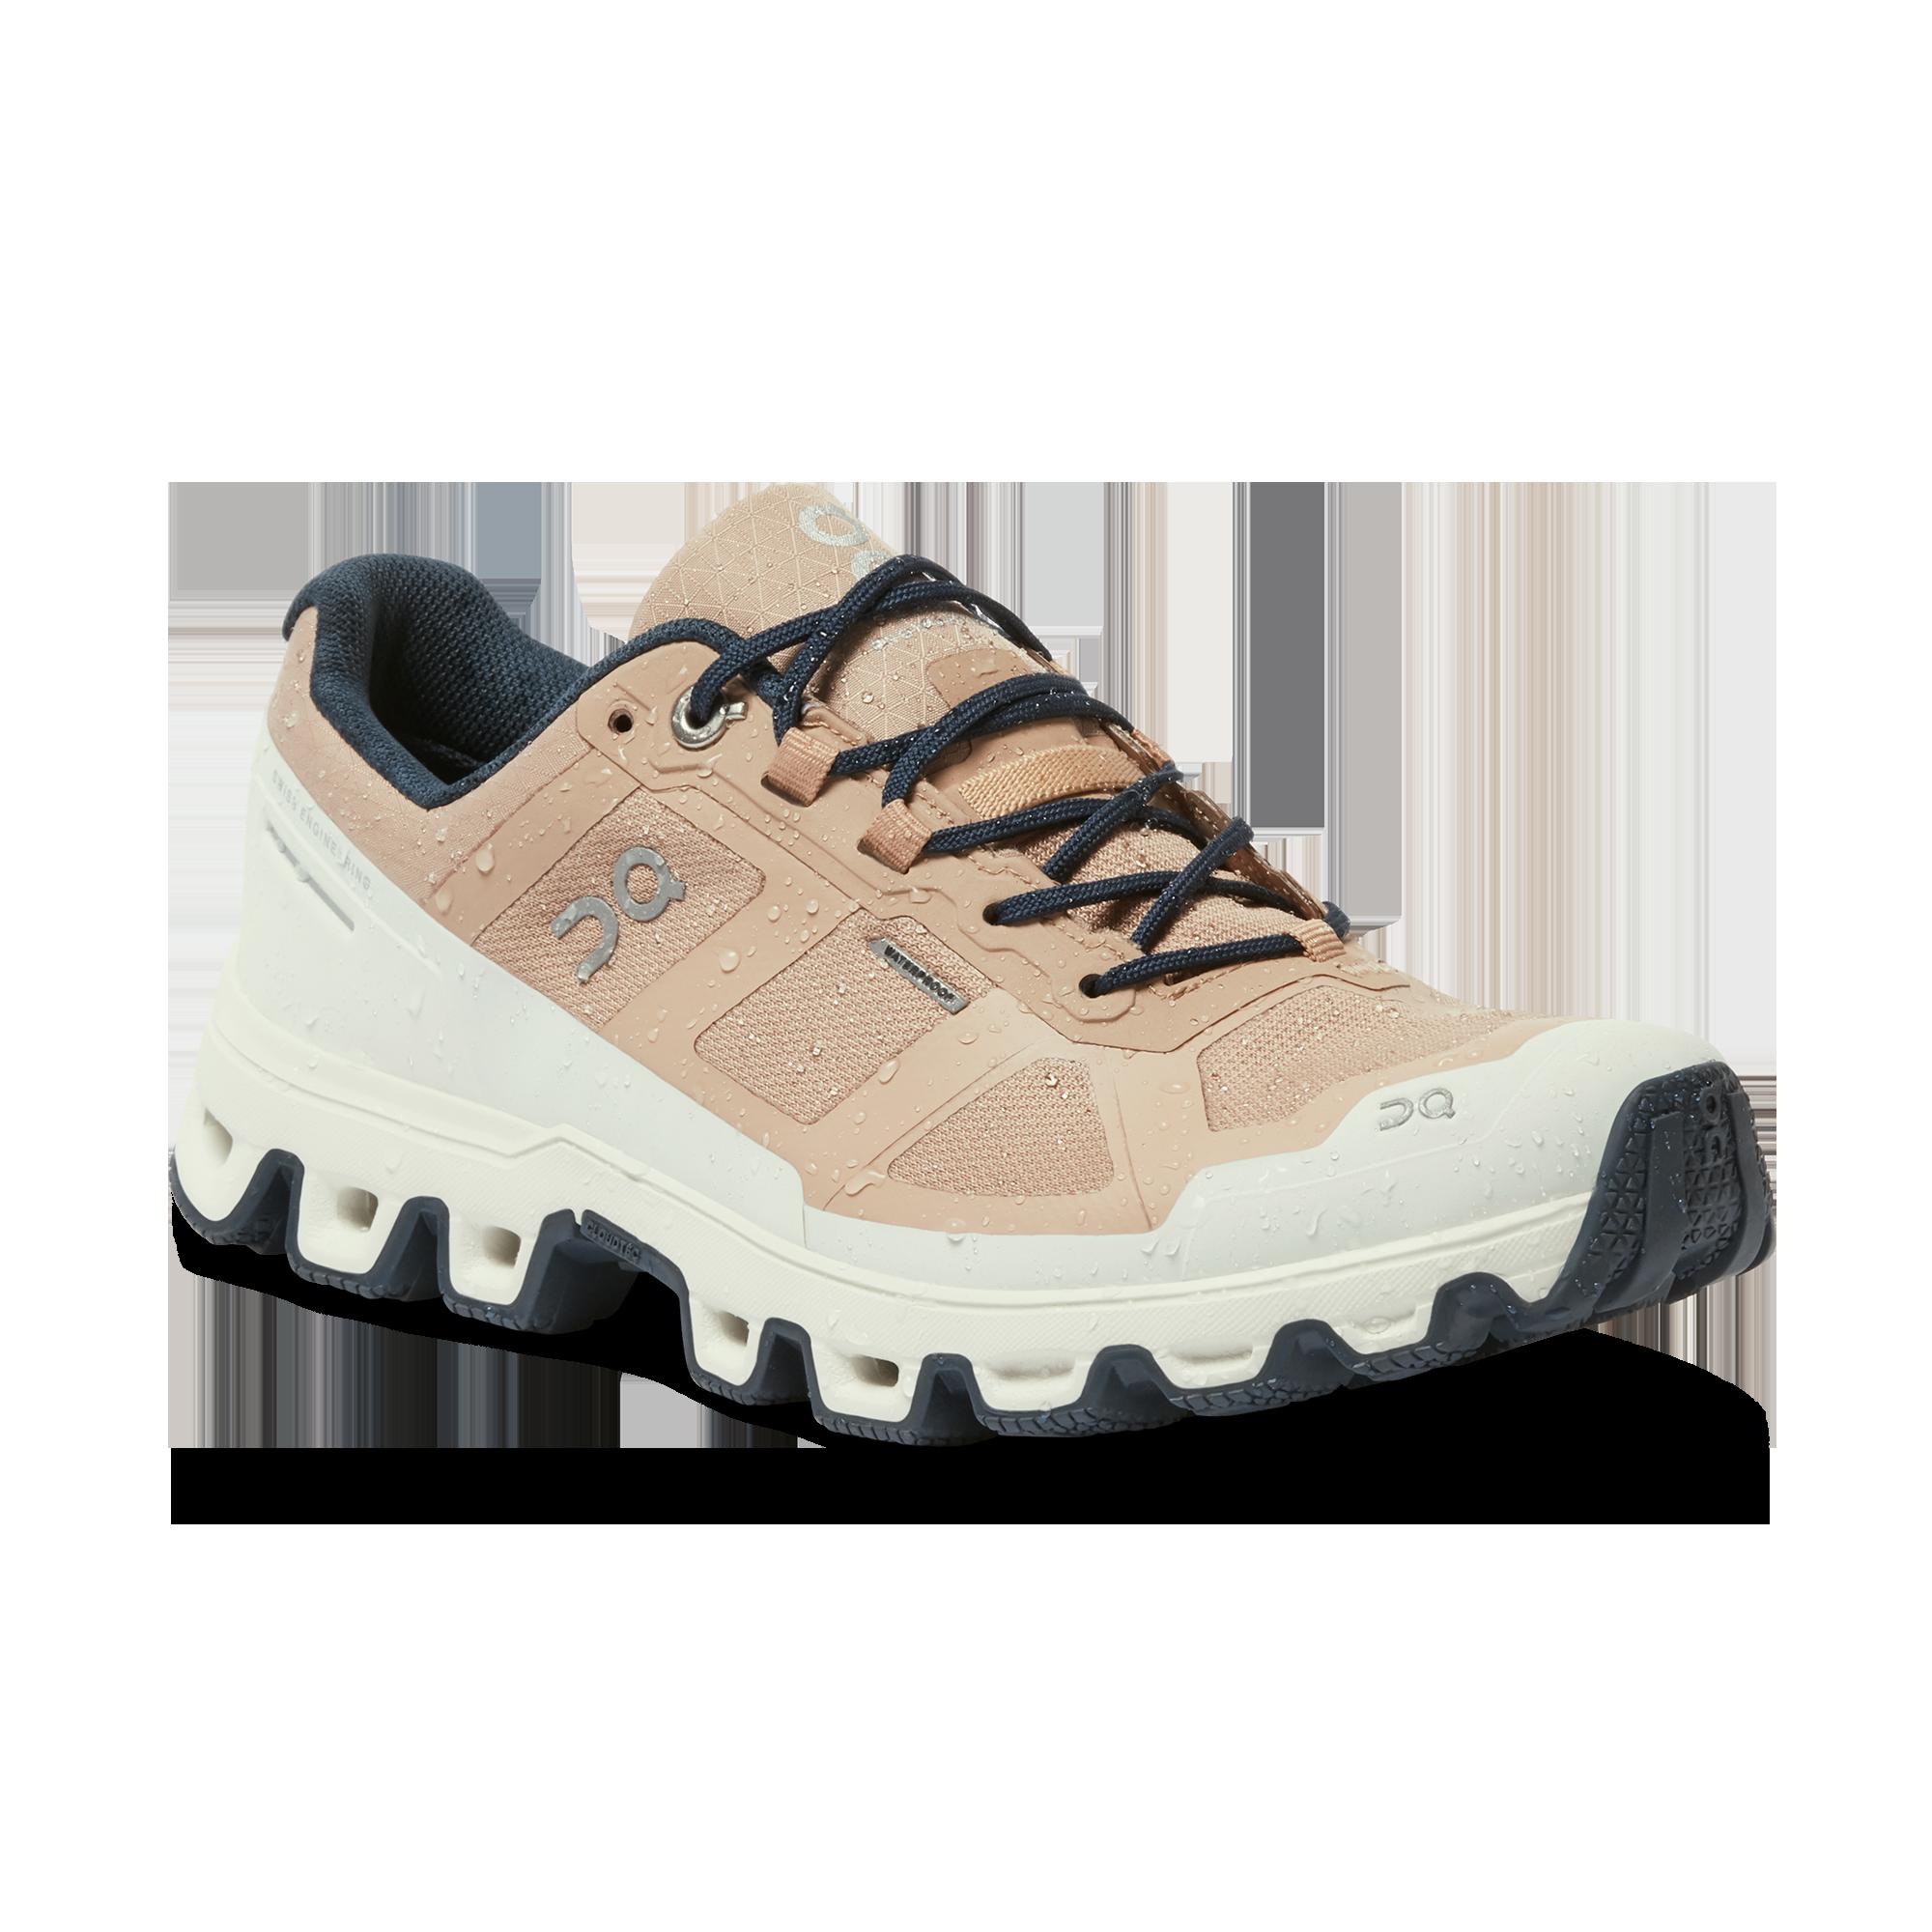 Cloudventure Waterproof Waterproof Trail Running Shoe | On